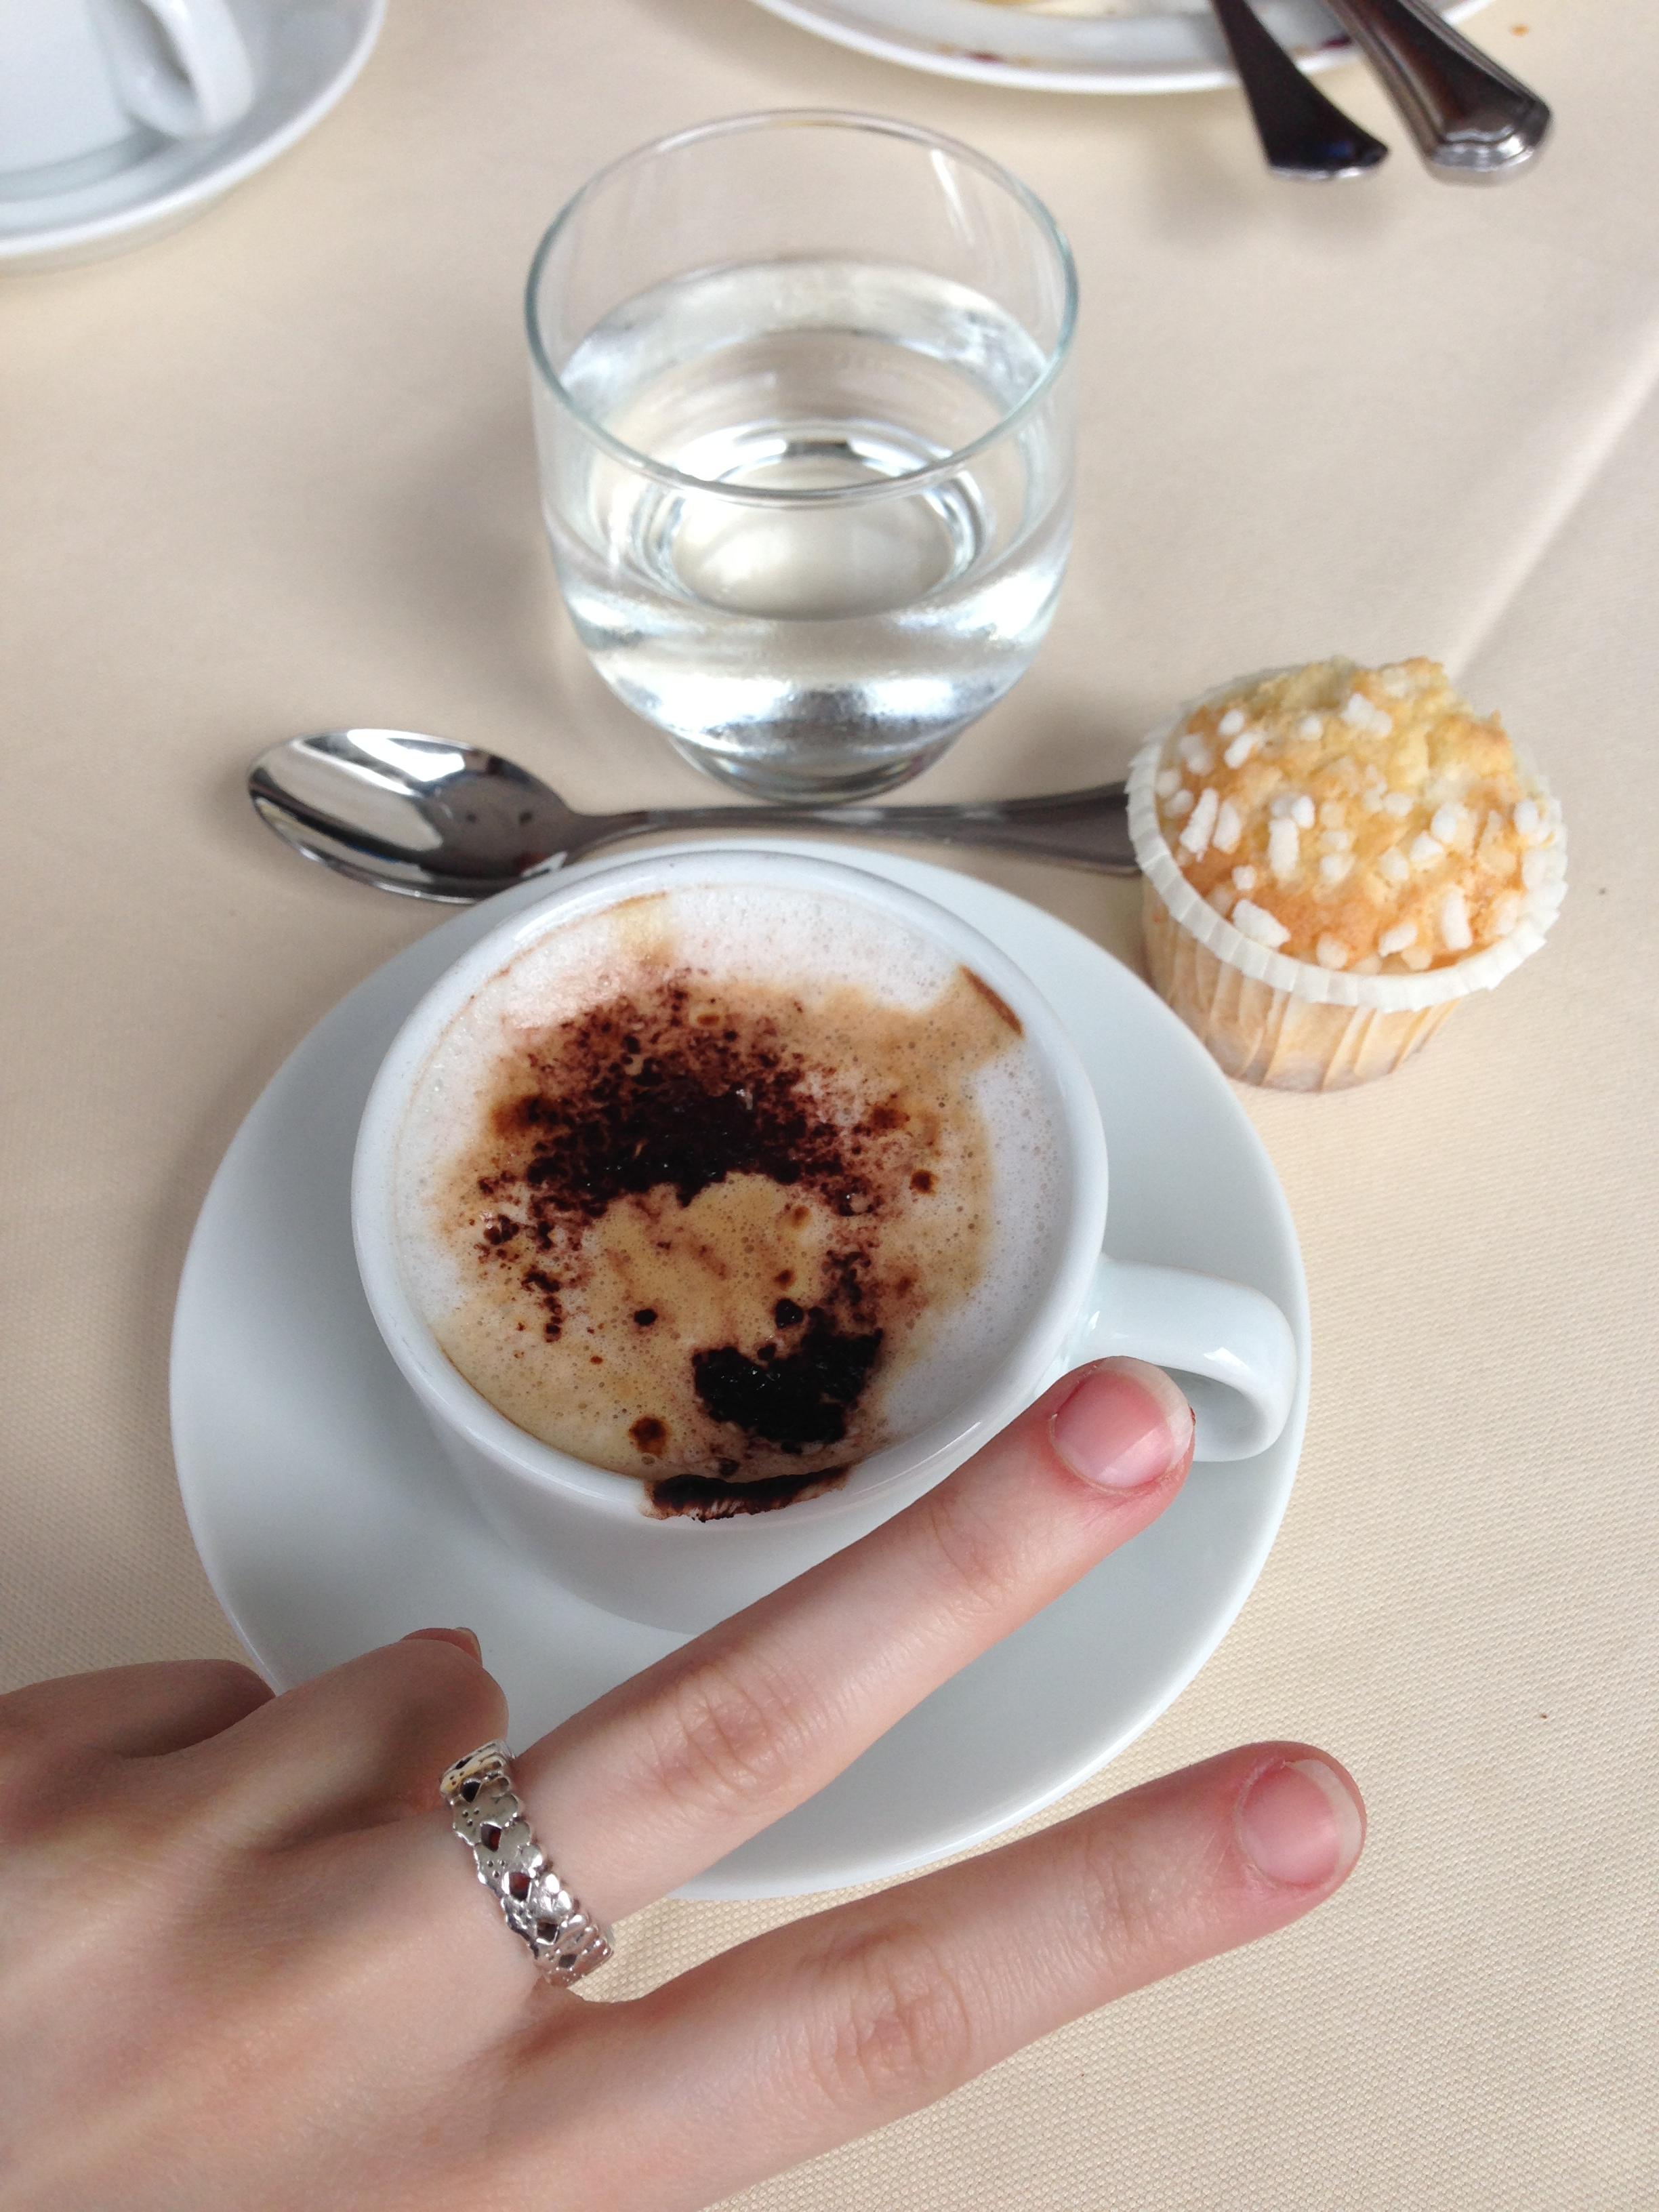 desayuno de stephanie belles